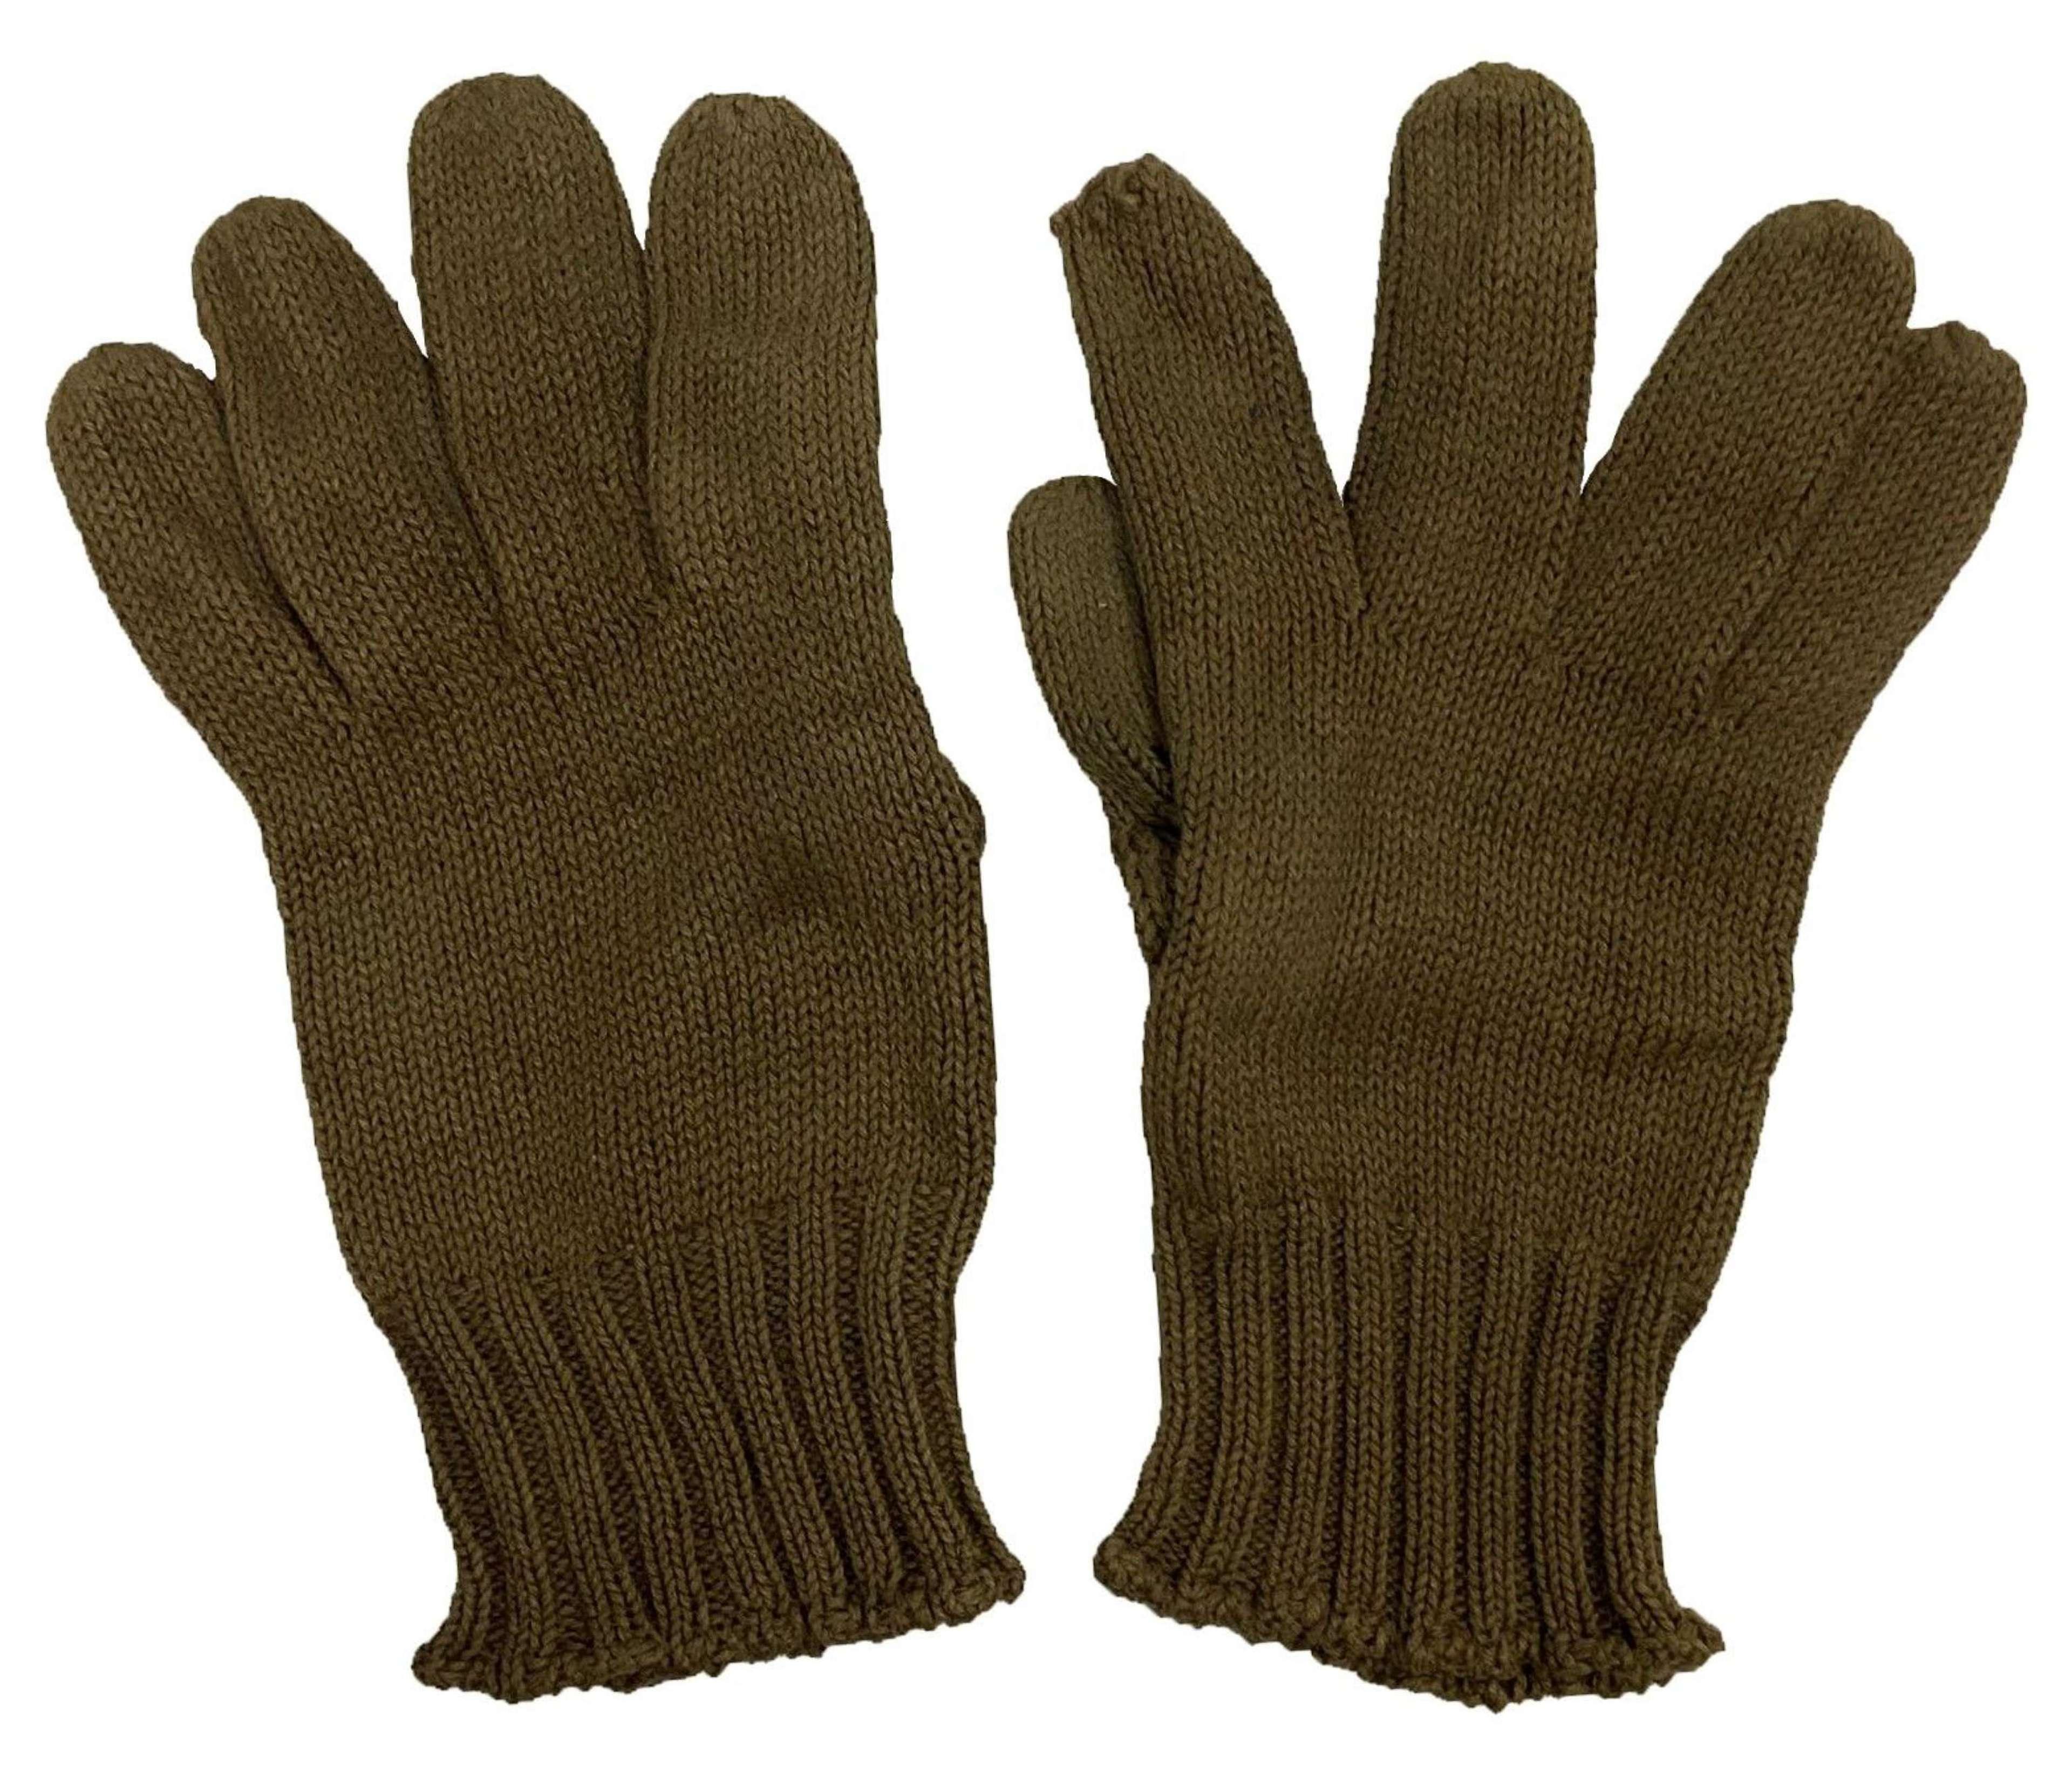 Original WW2 Period British Army Woollen Gloves